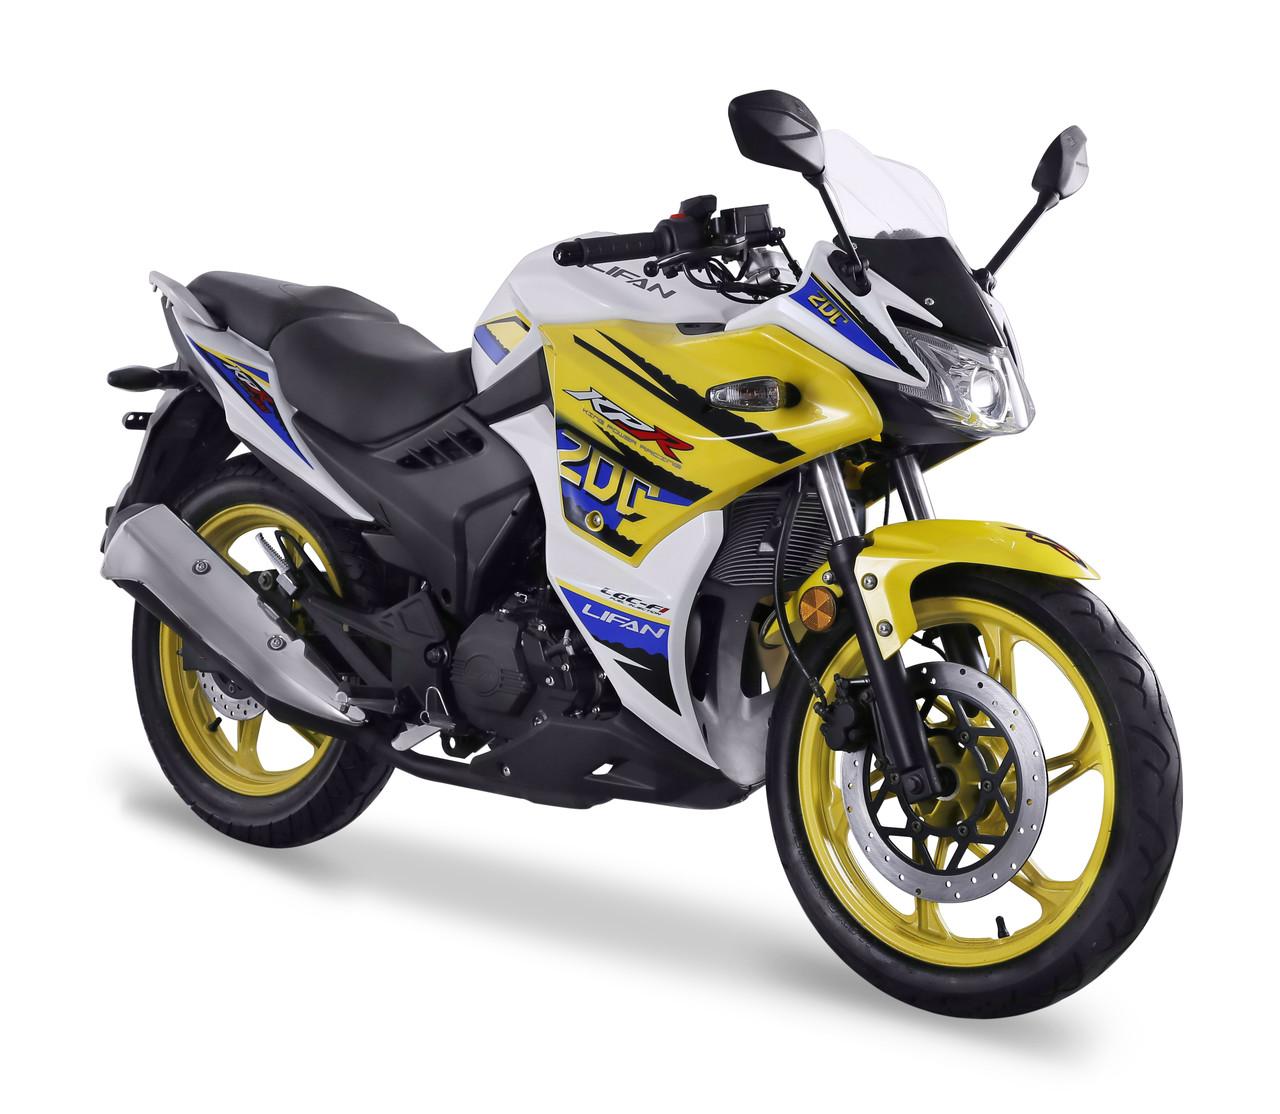 Спортивный мотоцикл Lifan LF200-10S (KPR) Limited